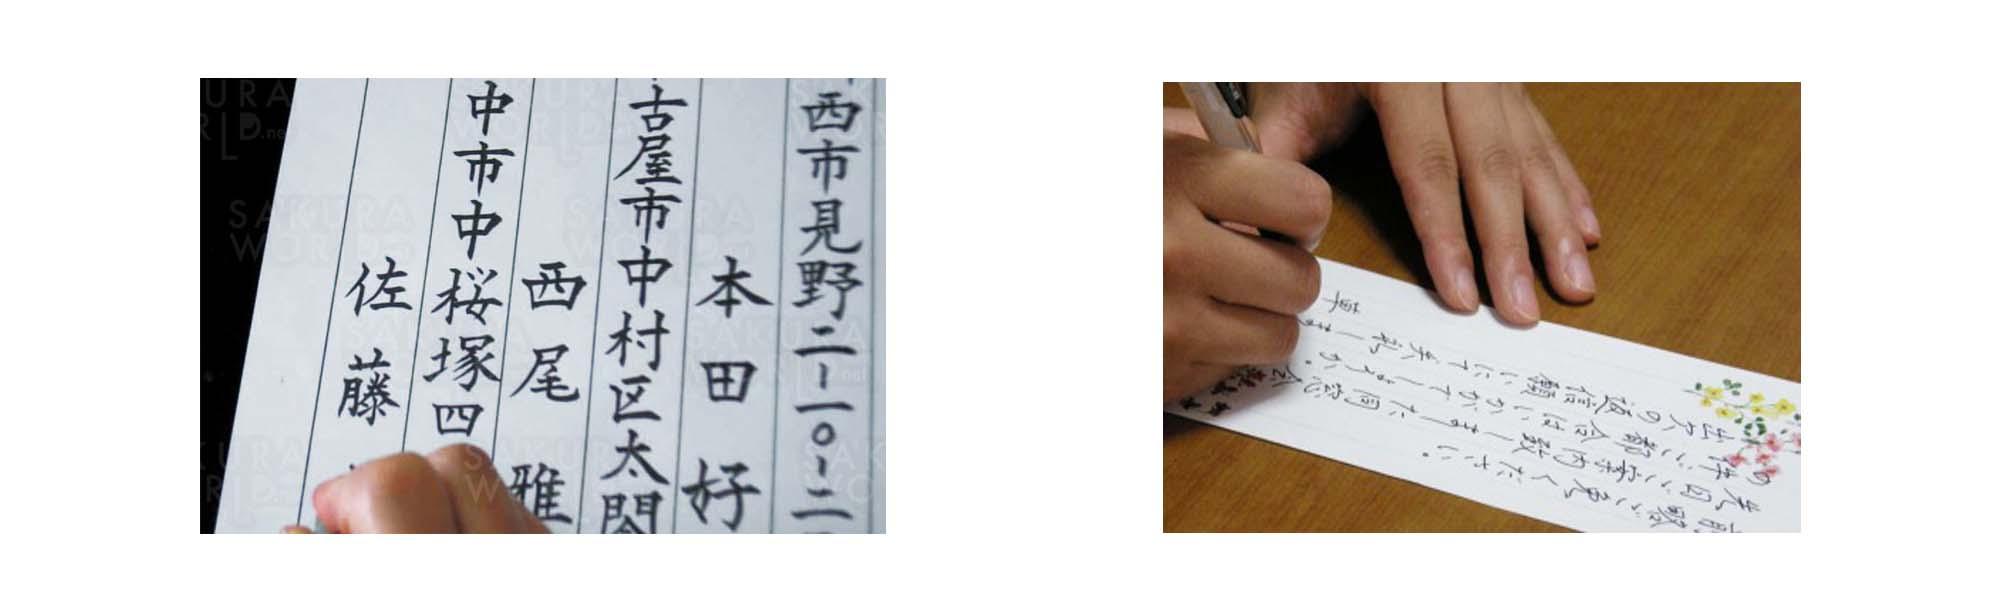 暁書法学院